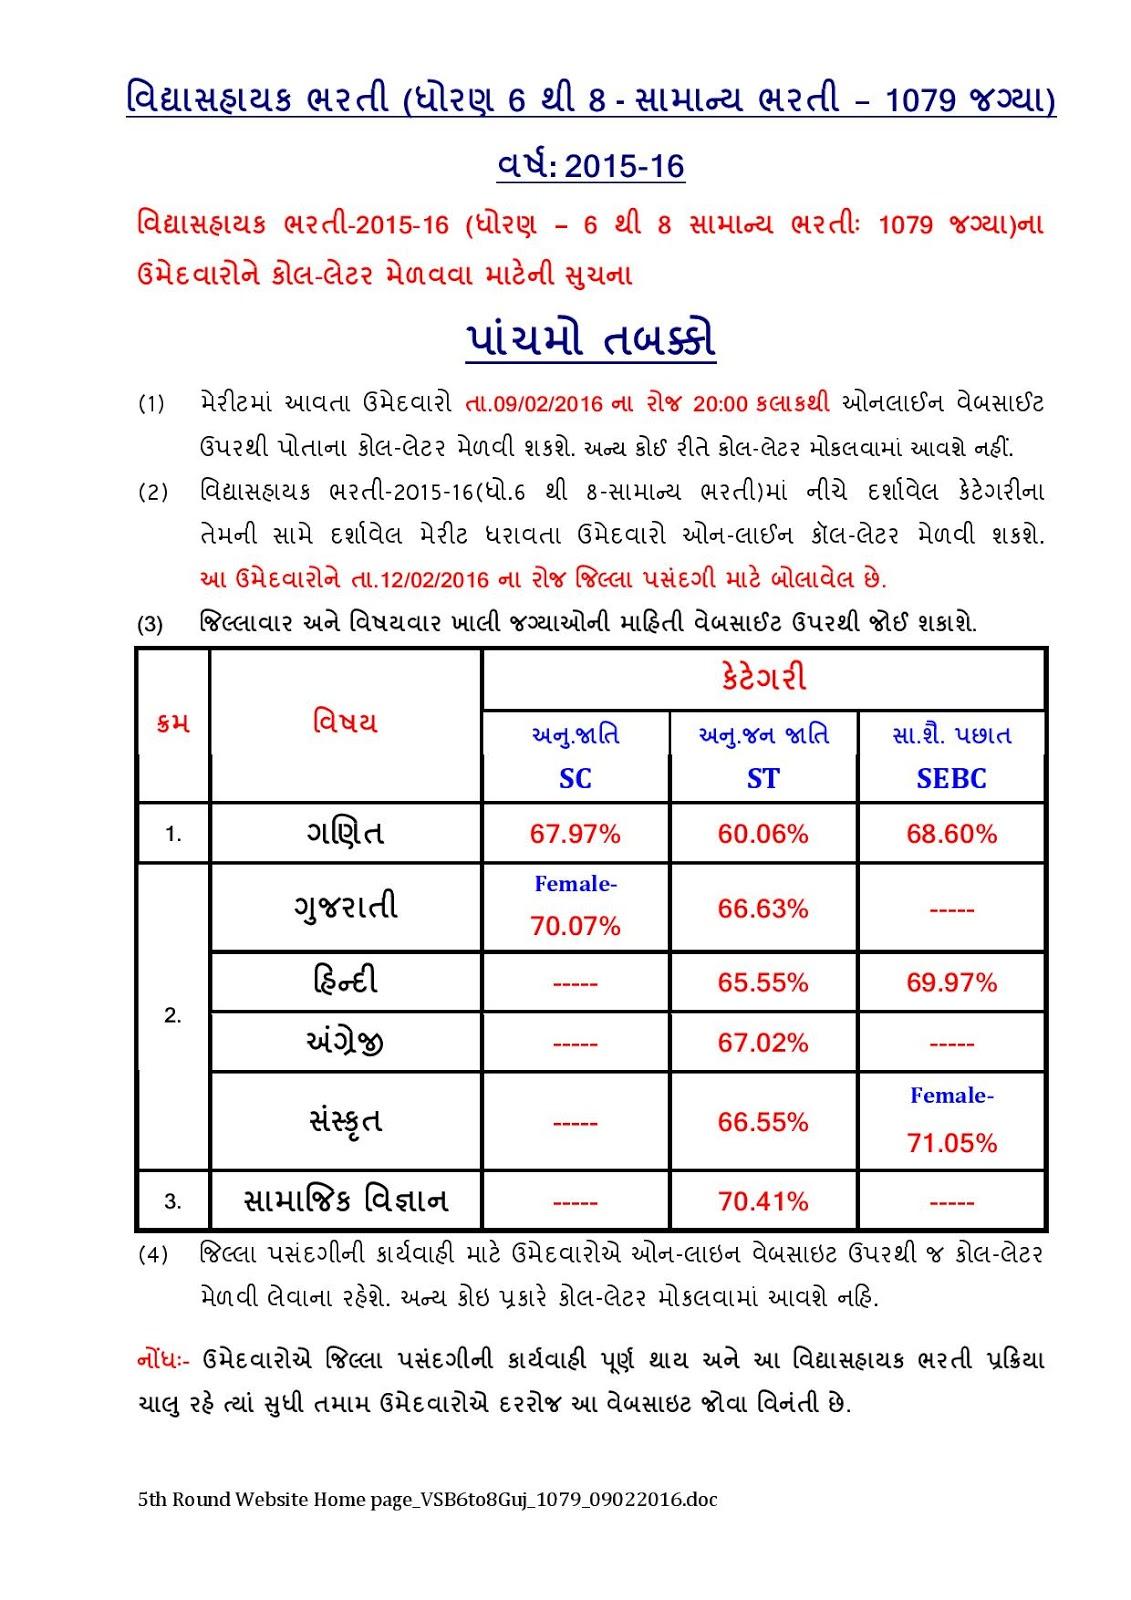 GSEB 1079 Vidhyasahayak Bharti 5th Round Merit List / Call ...